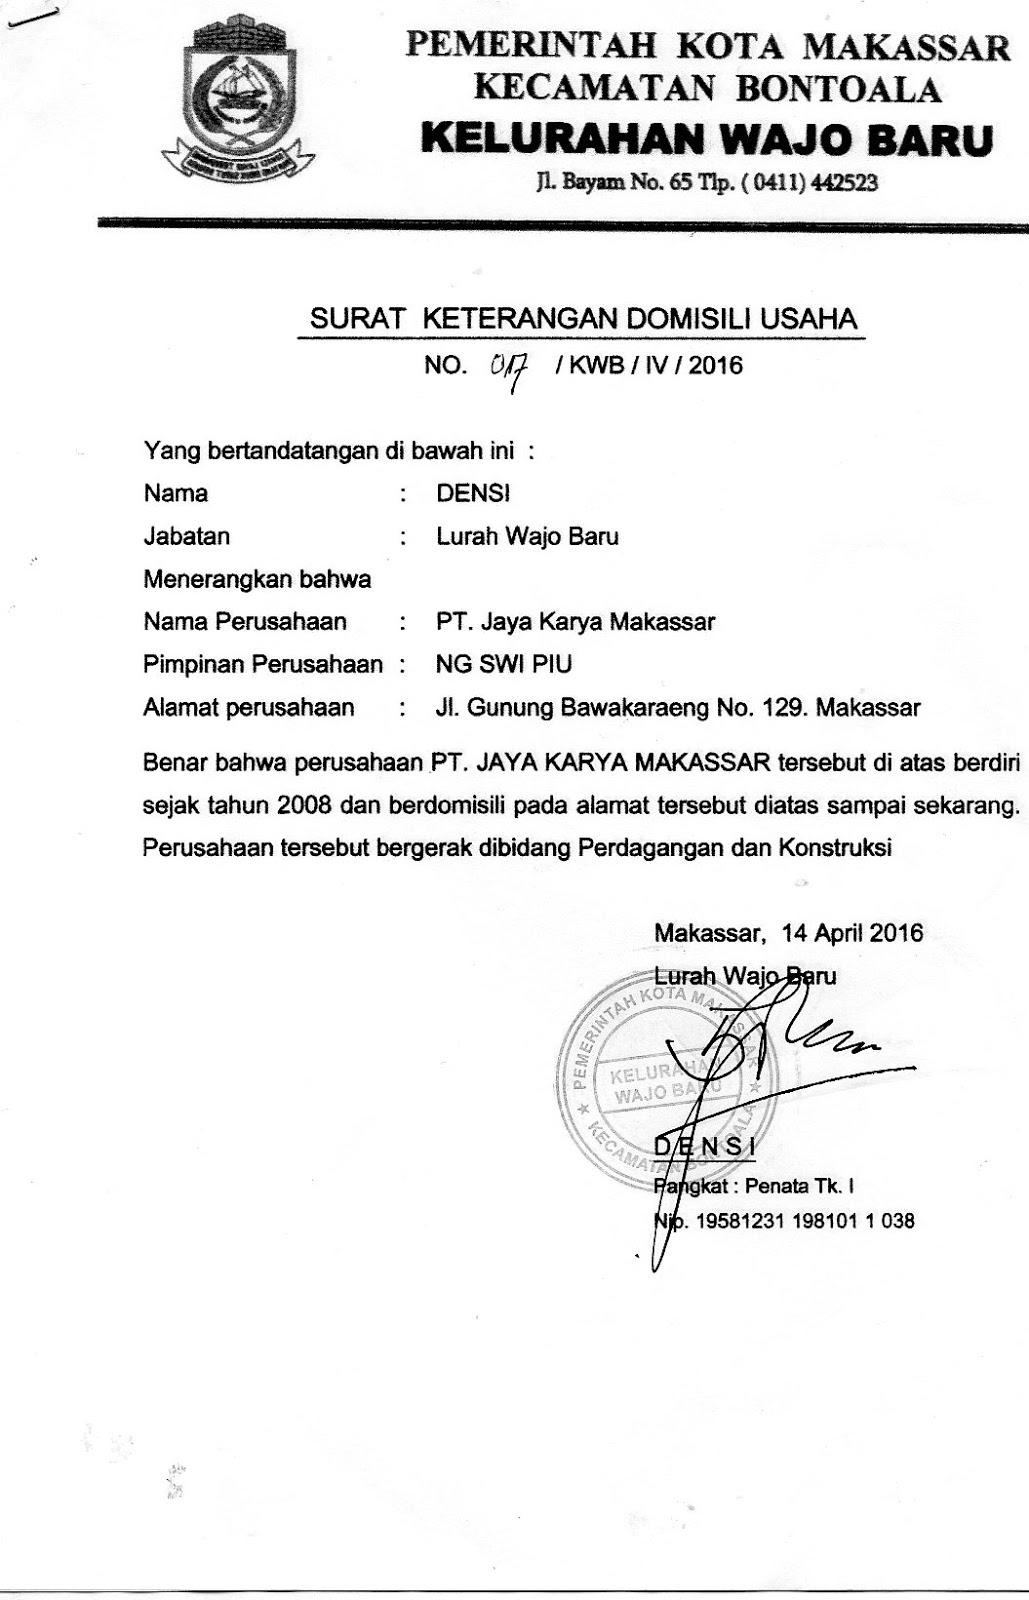 Contoh Surat Keterangan Domisili Yayasan Kumpulan Ilmu Dan